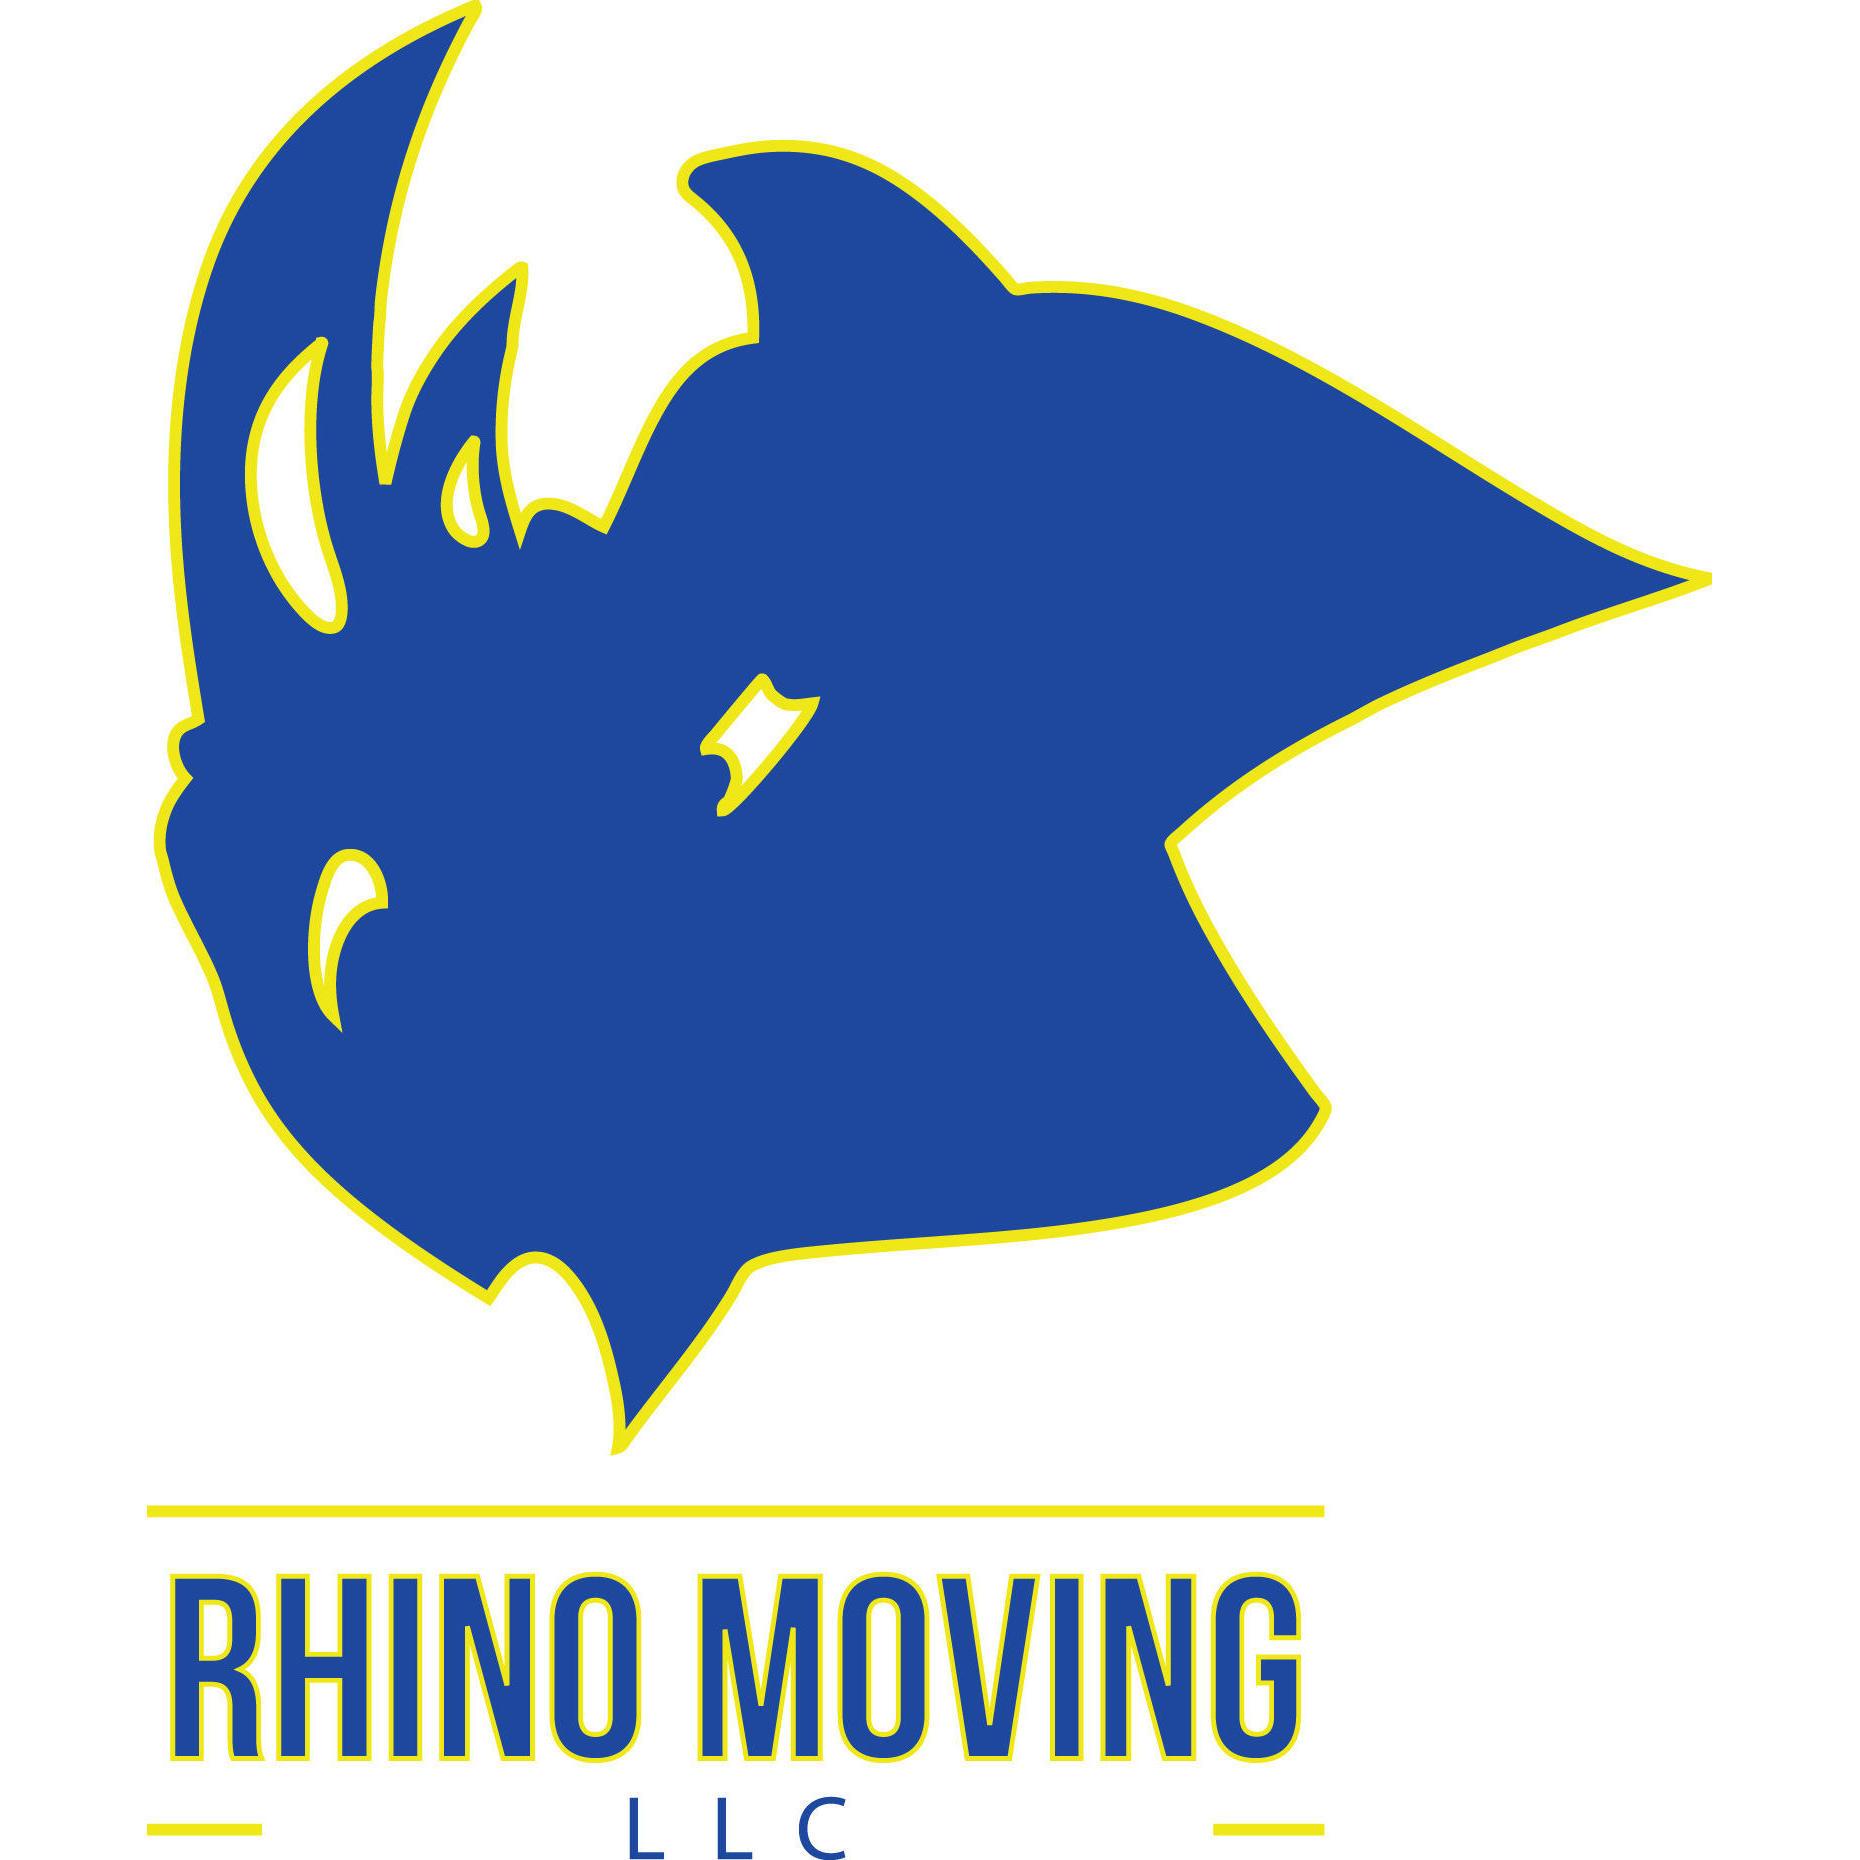 Rhino Moving, LLC